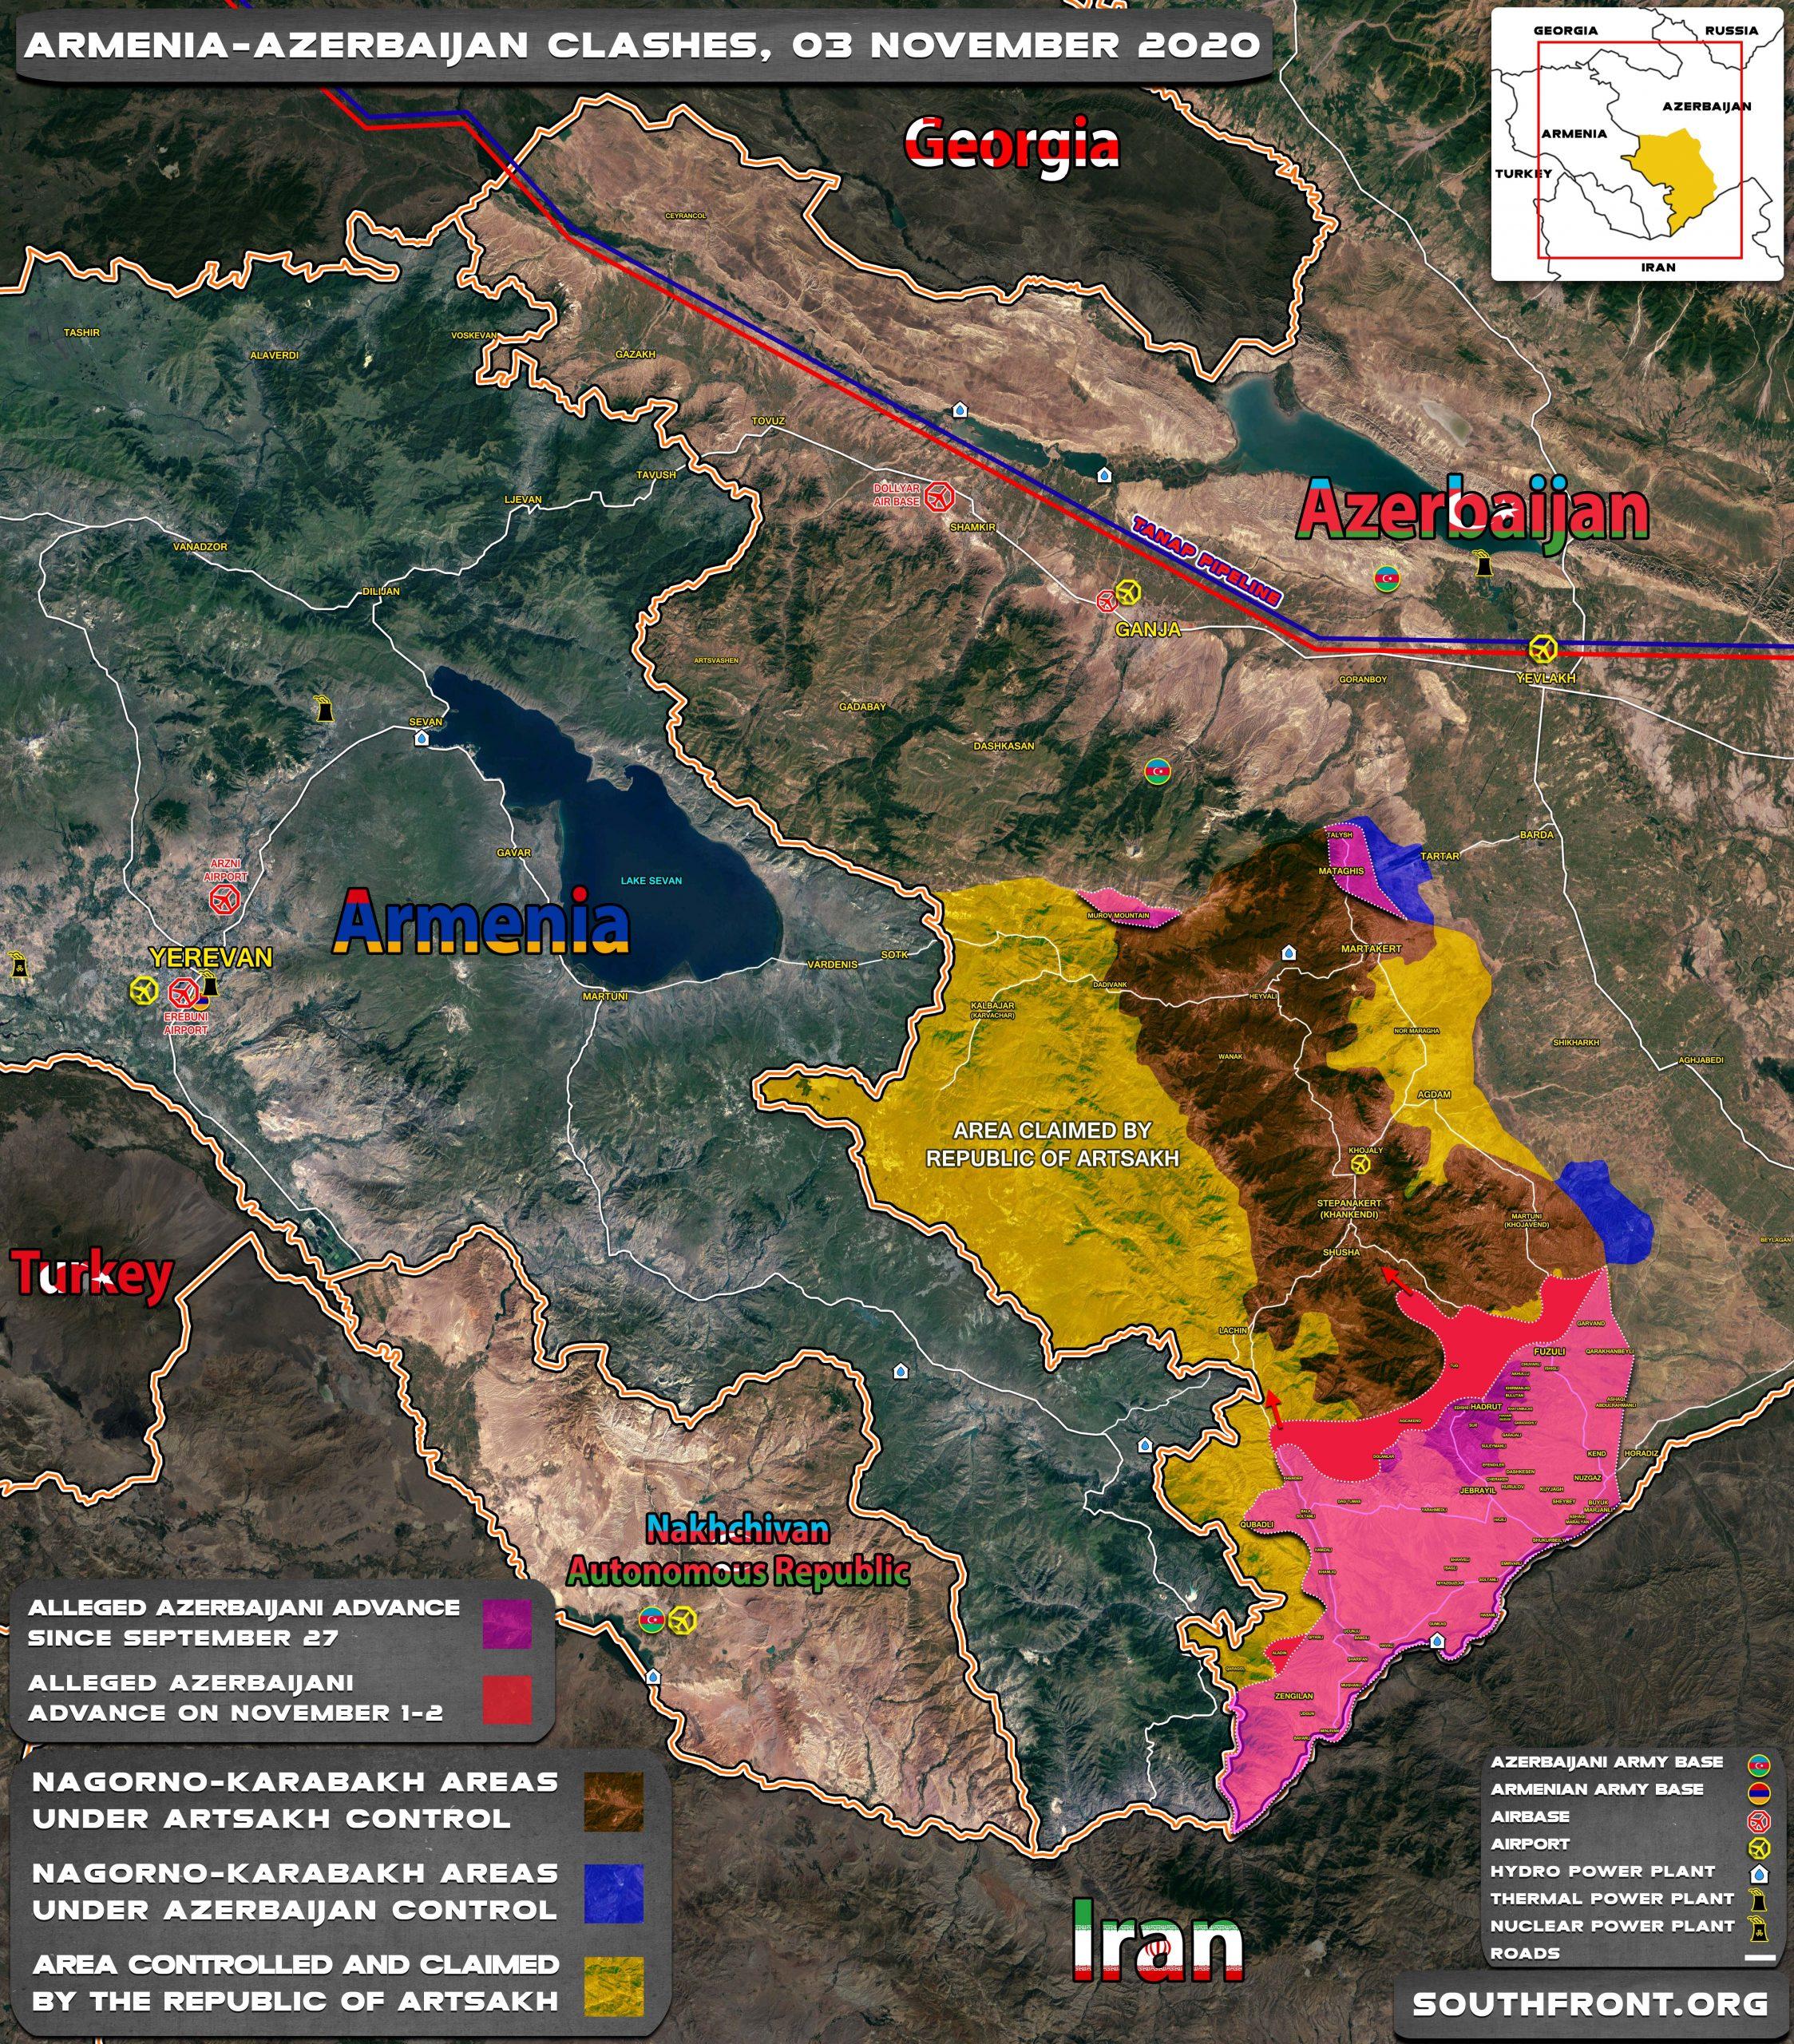 VOJNE ZANIMLJIVOSTI 3nov_Azerbaijan_Armenia_map_2-2-scaled